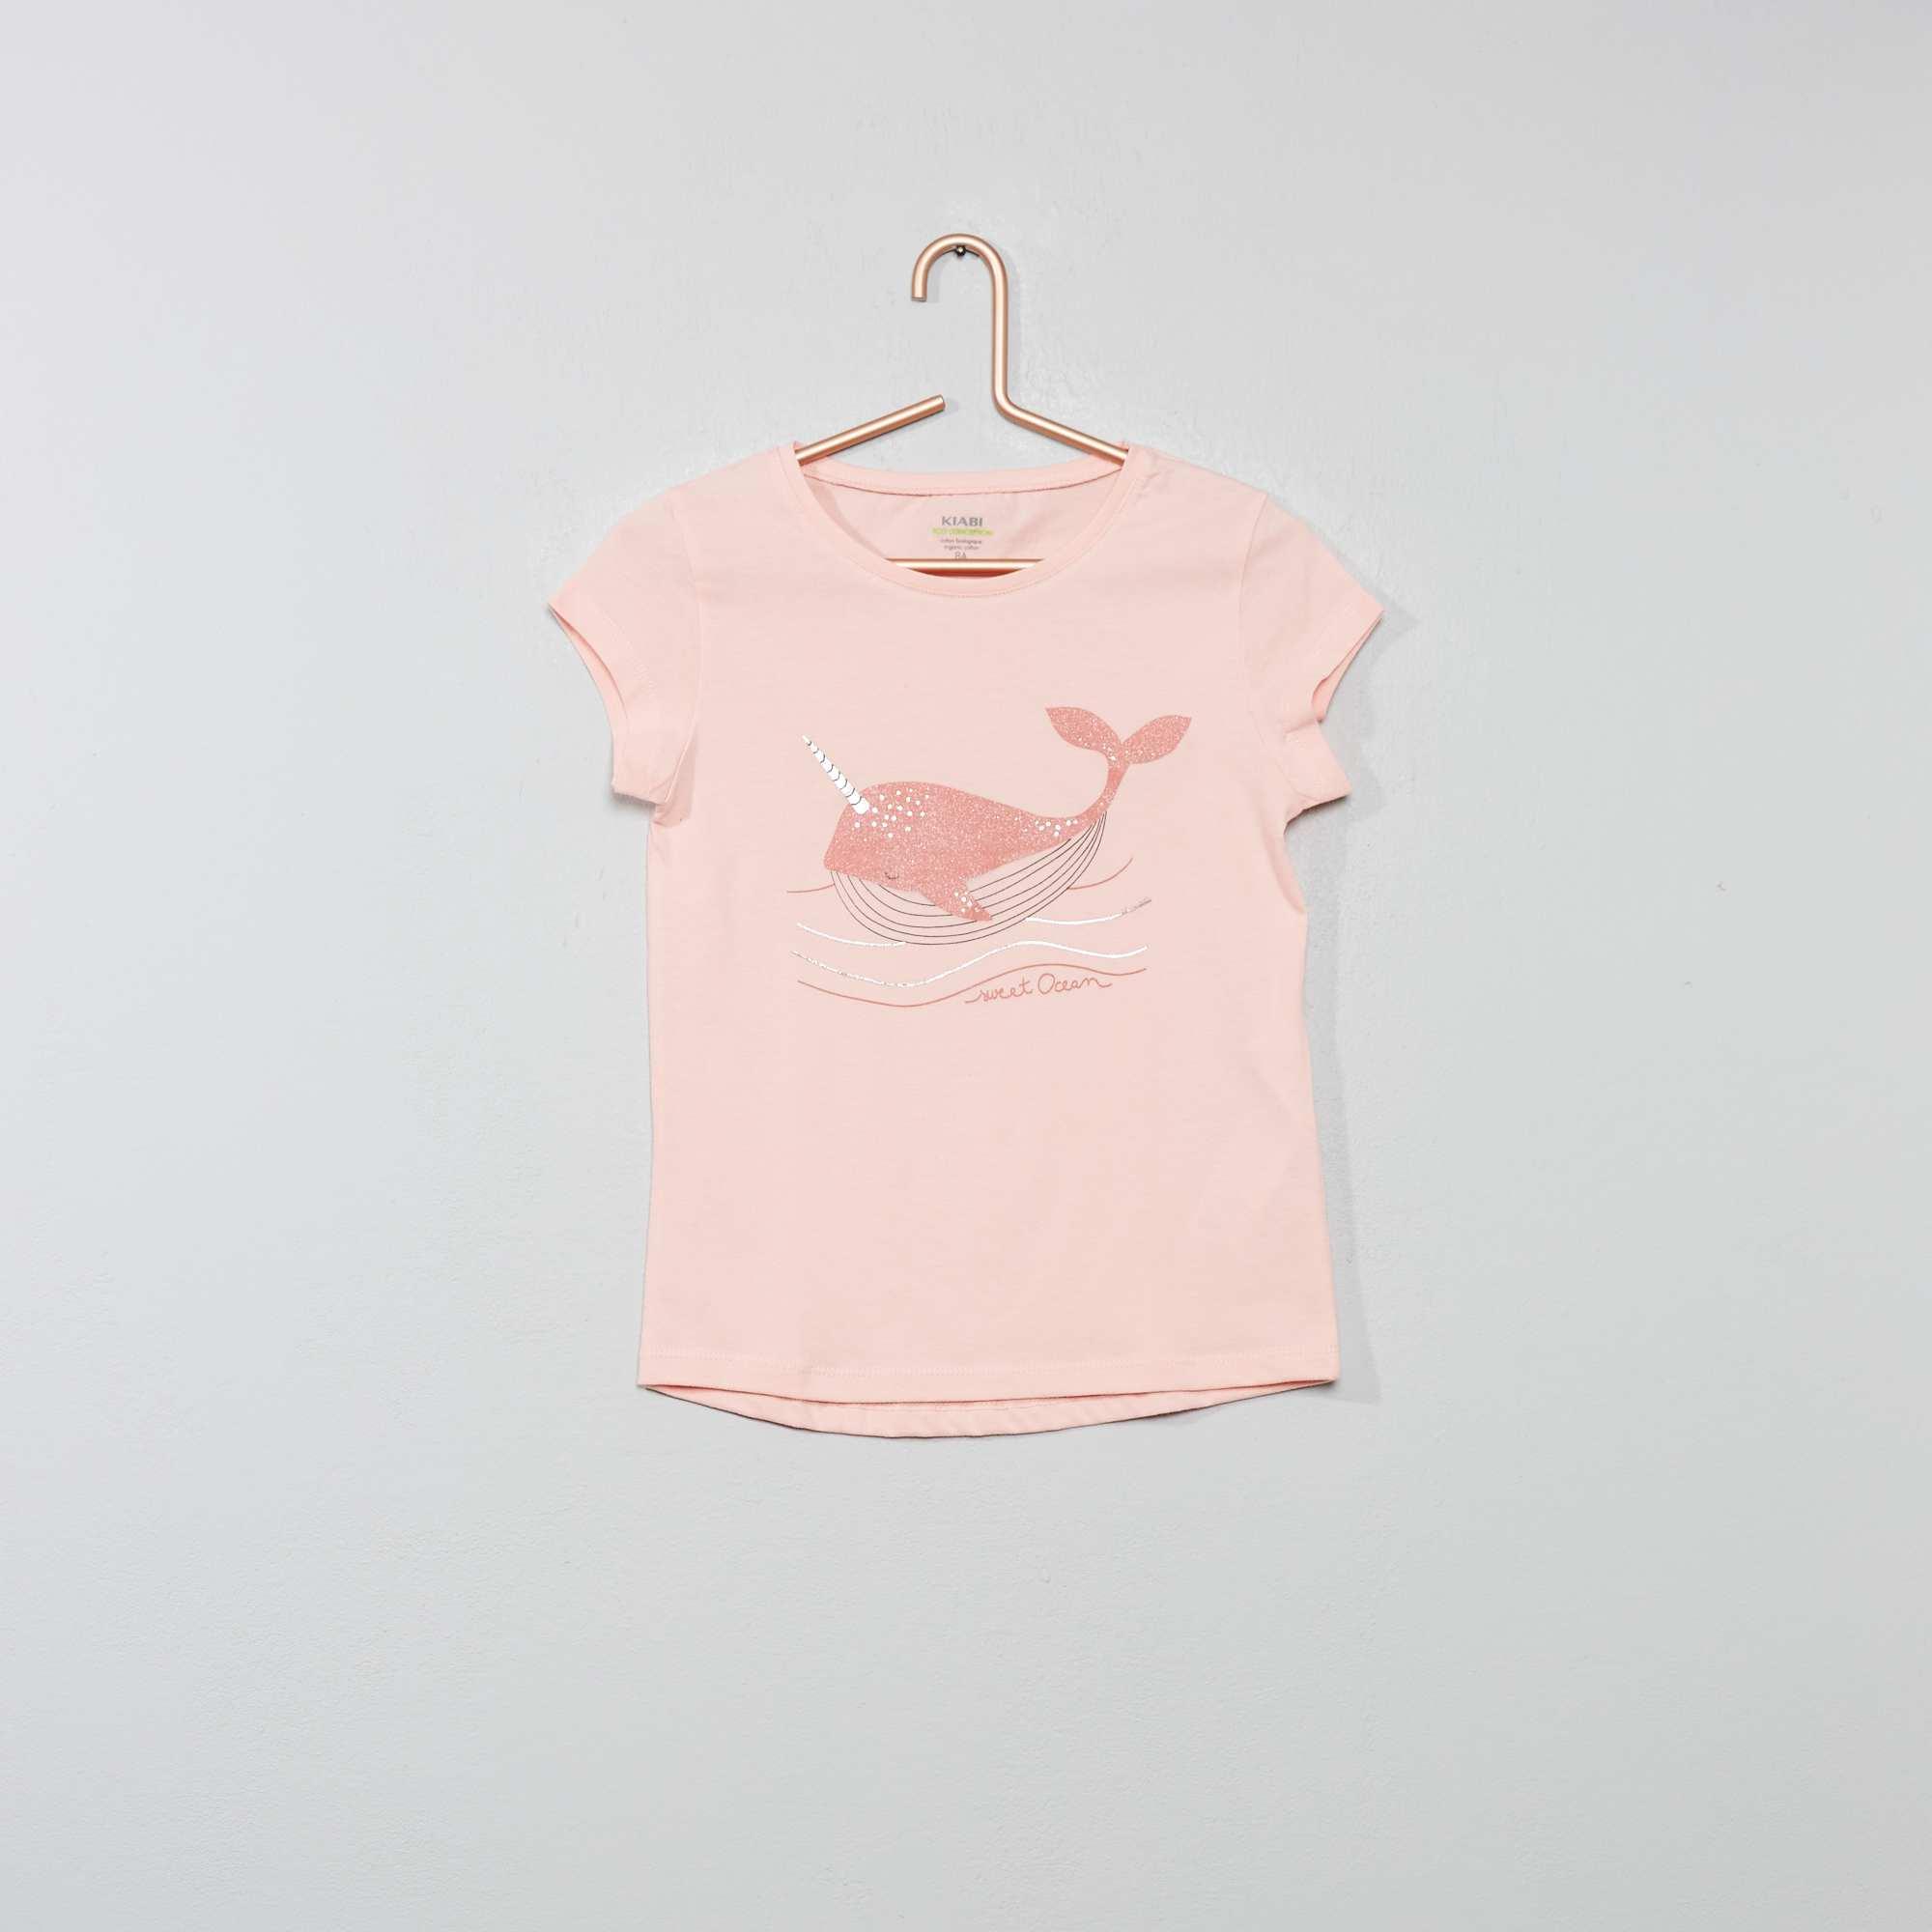 61d5710a61dd7 Tee-shirt  éco-conception  imprimé Fille - rose baleine - Kiabi - 4